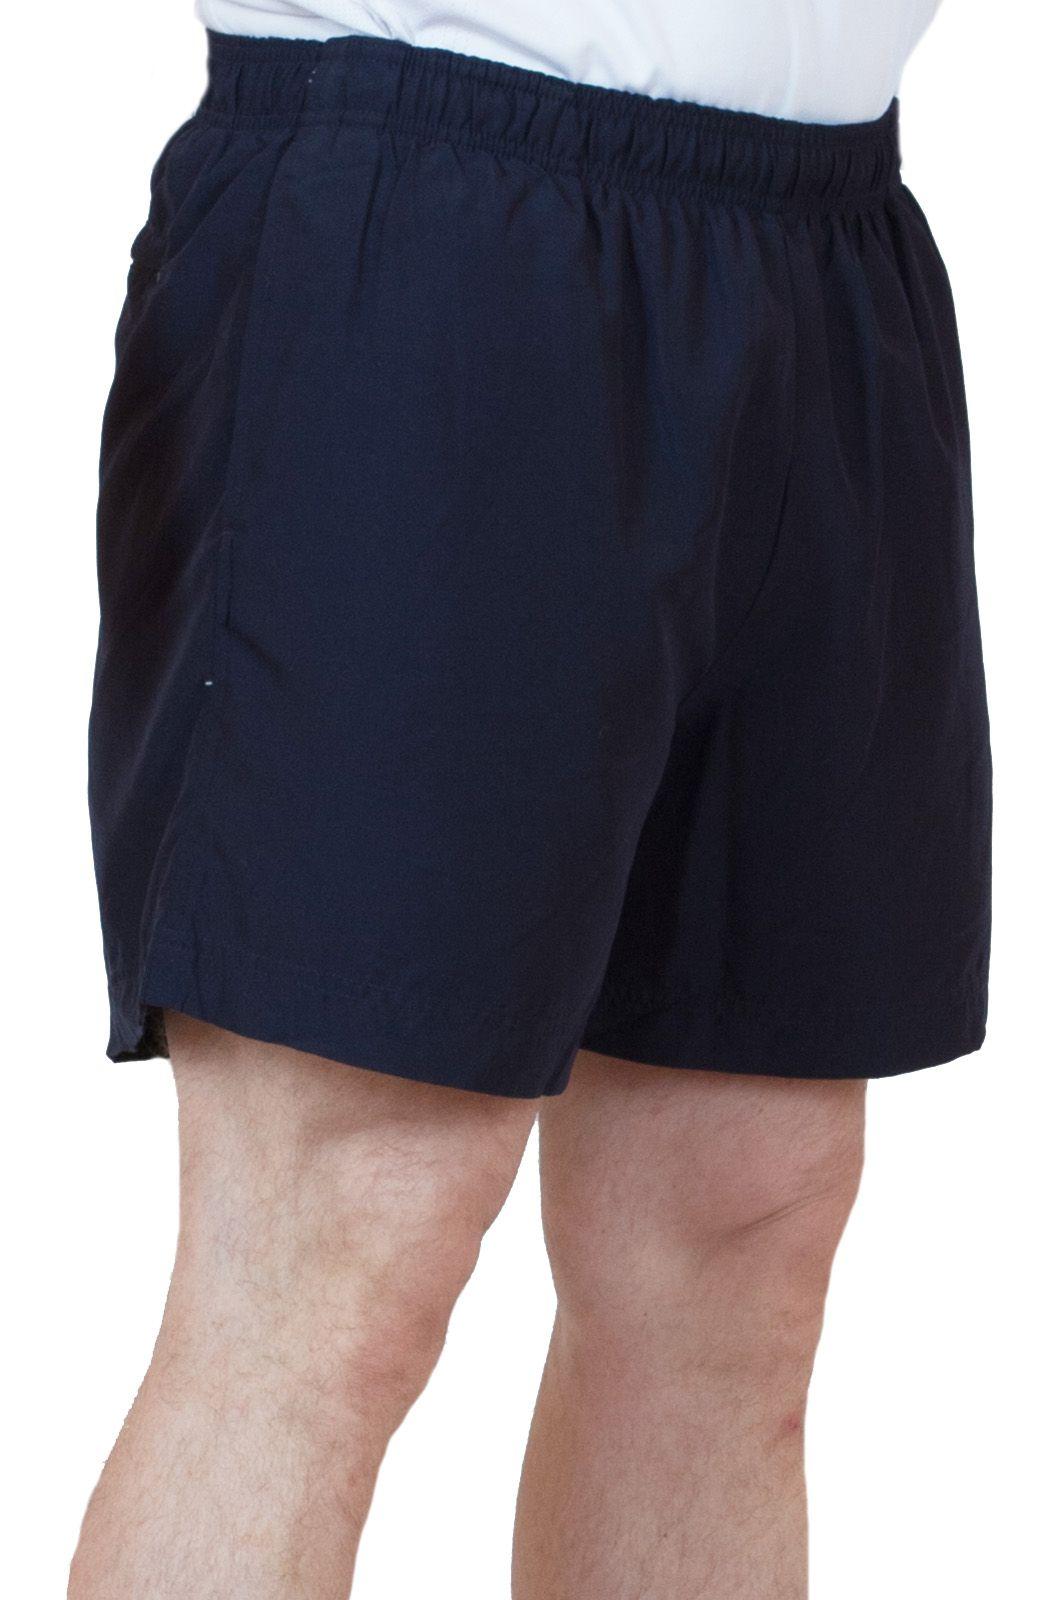 Спортивные шорты для мужчин темно-синего цвета - вид сбоку